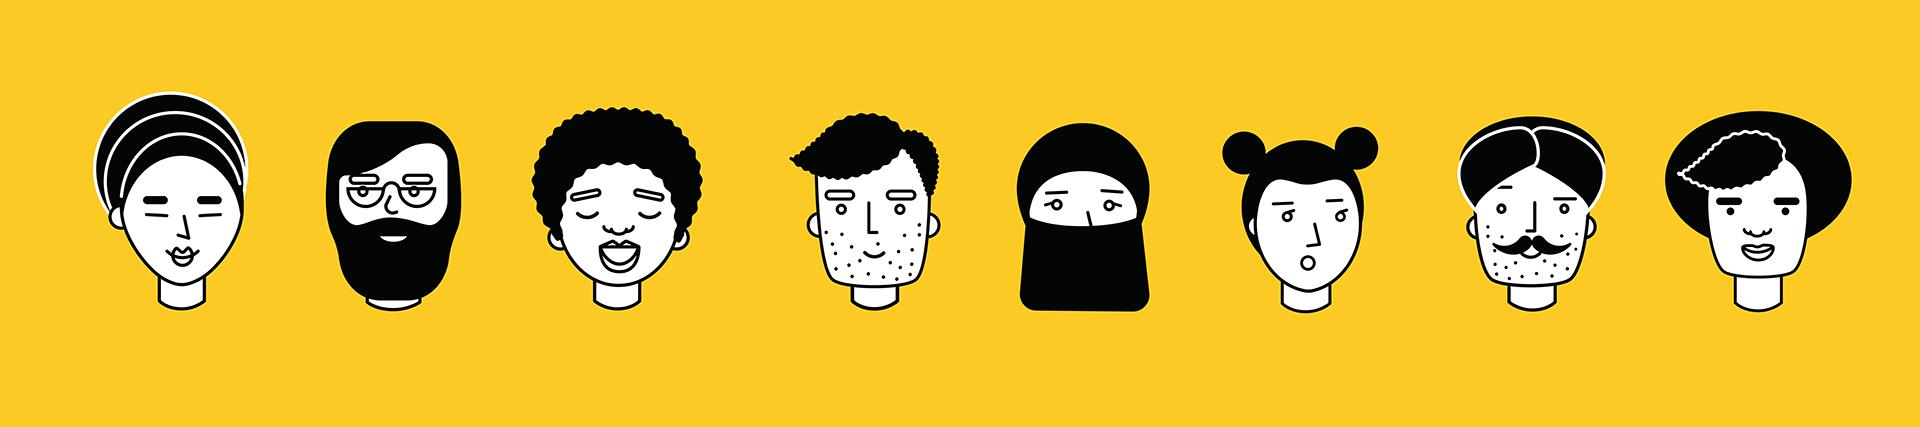 O que é Persona: A definição personalizada do seu interlocutor